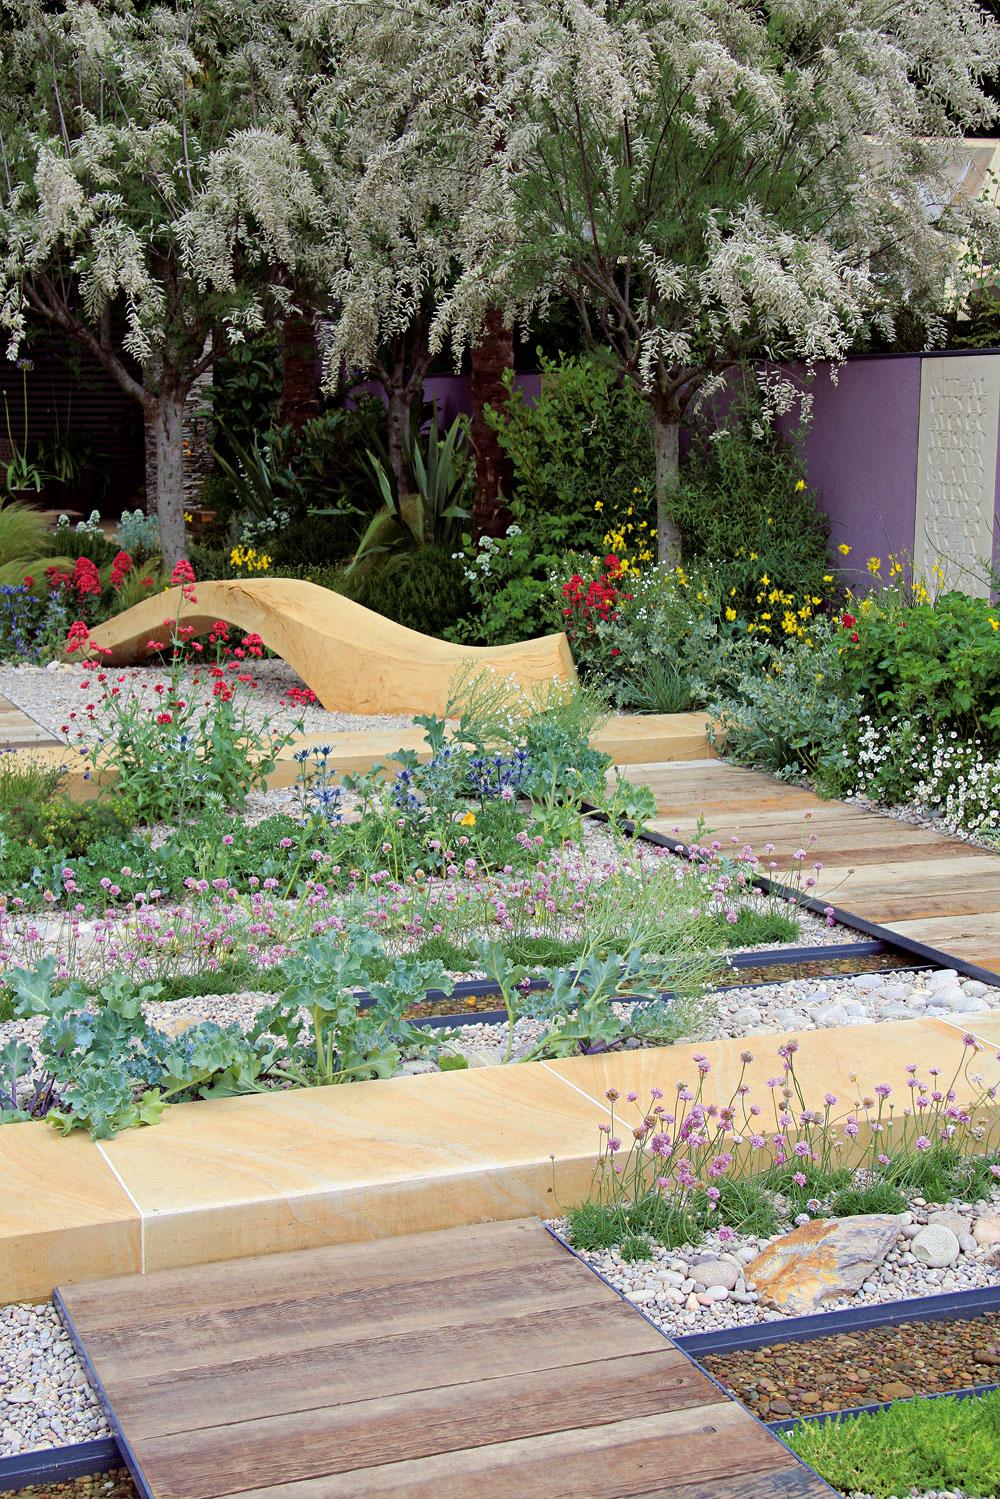 Jedným z ústredných záhradných prvkov je odpočívadlo uprostred záhonov. Rovnako ako výsadby, aj jeho miesto je premyslené – na ceste k nemu sa nedá nekochať sa okolím: štrkovými záhonmi, trvalkovými výsadbami a vodnými plochami.